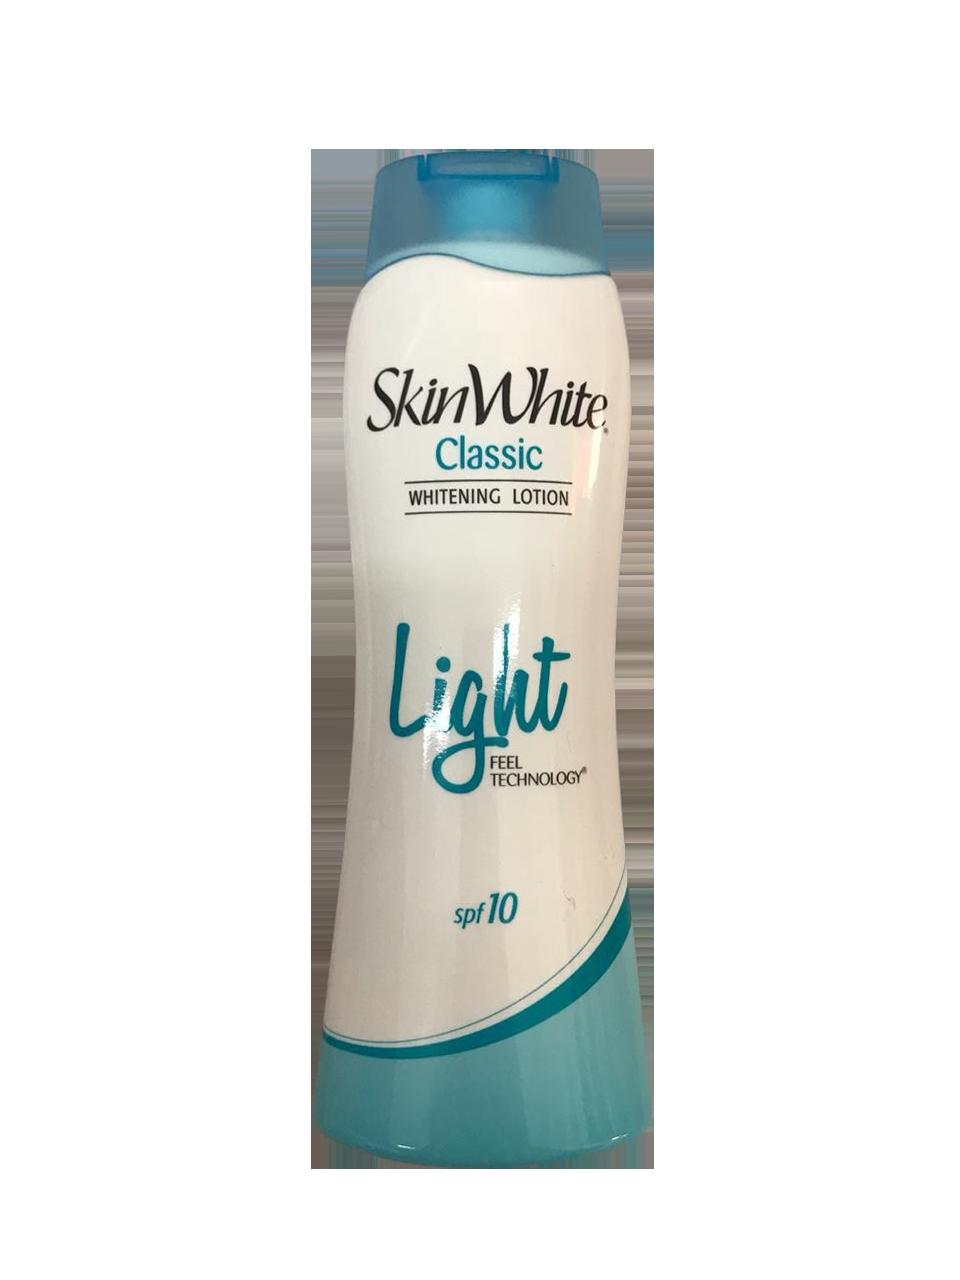 Skin White Classic Whitening Lotion Light SPF 10 200ml